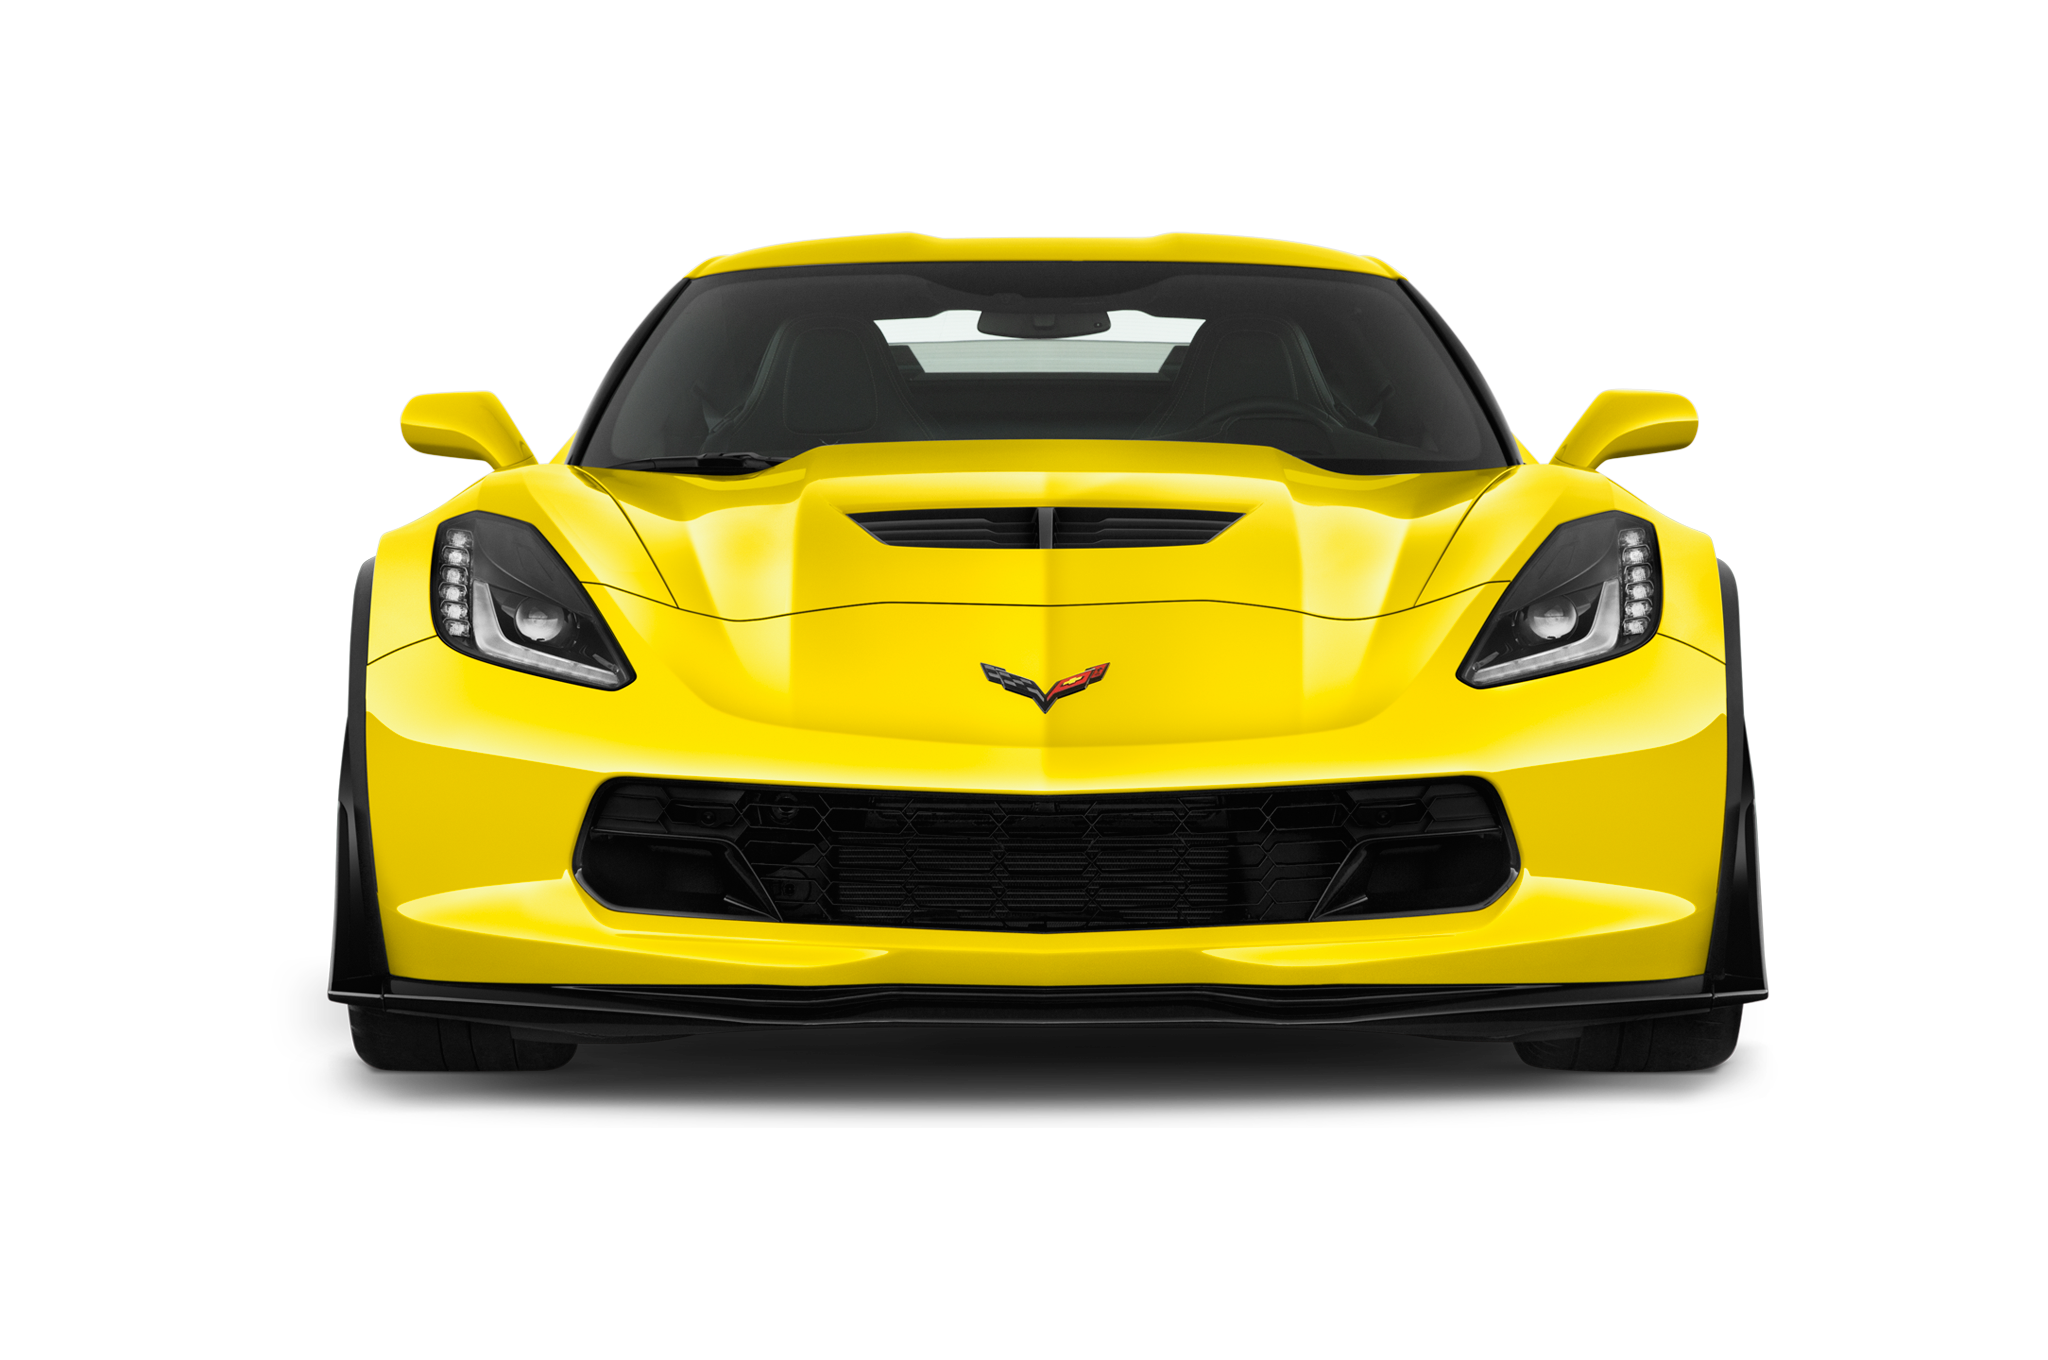 chevrolet corvette zr. Driver clipart horsepower